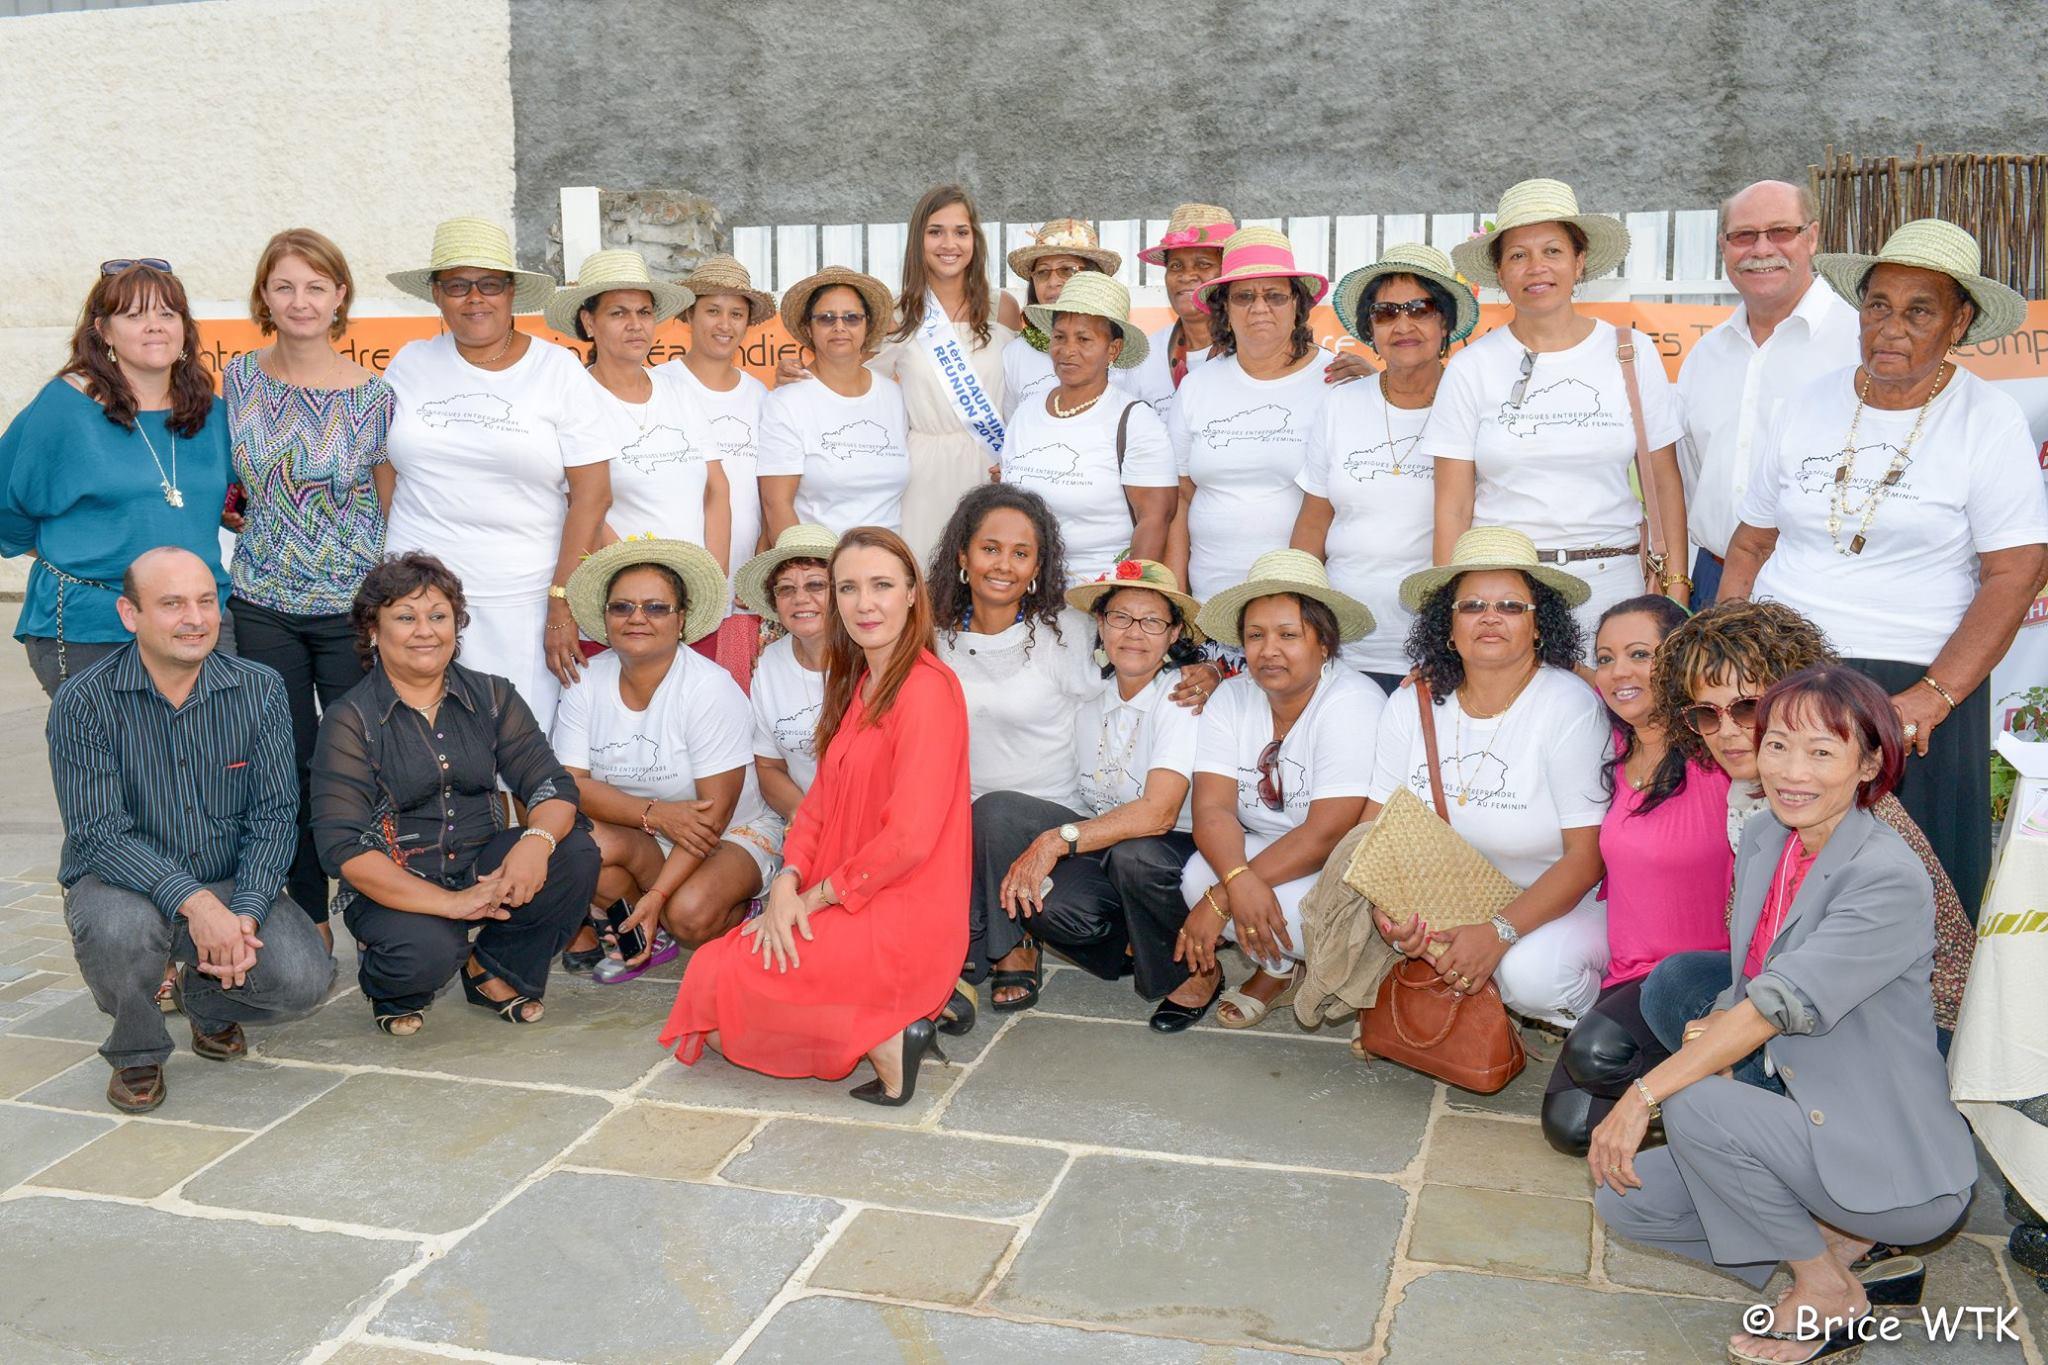 Semaine Rodriguaise avec l'EFOIR - Anne-Gaëlle Laterrière, 1ère dauphine de Miss Réunion, est dans le jury